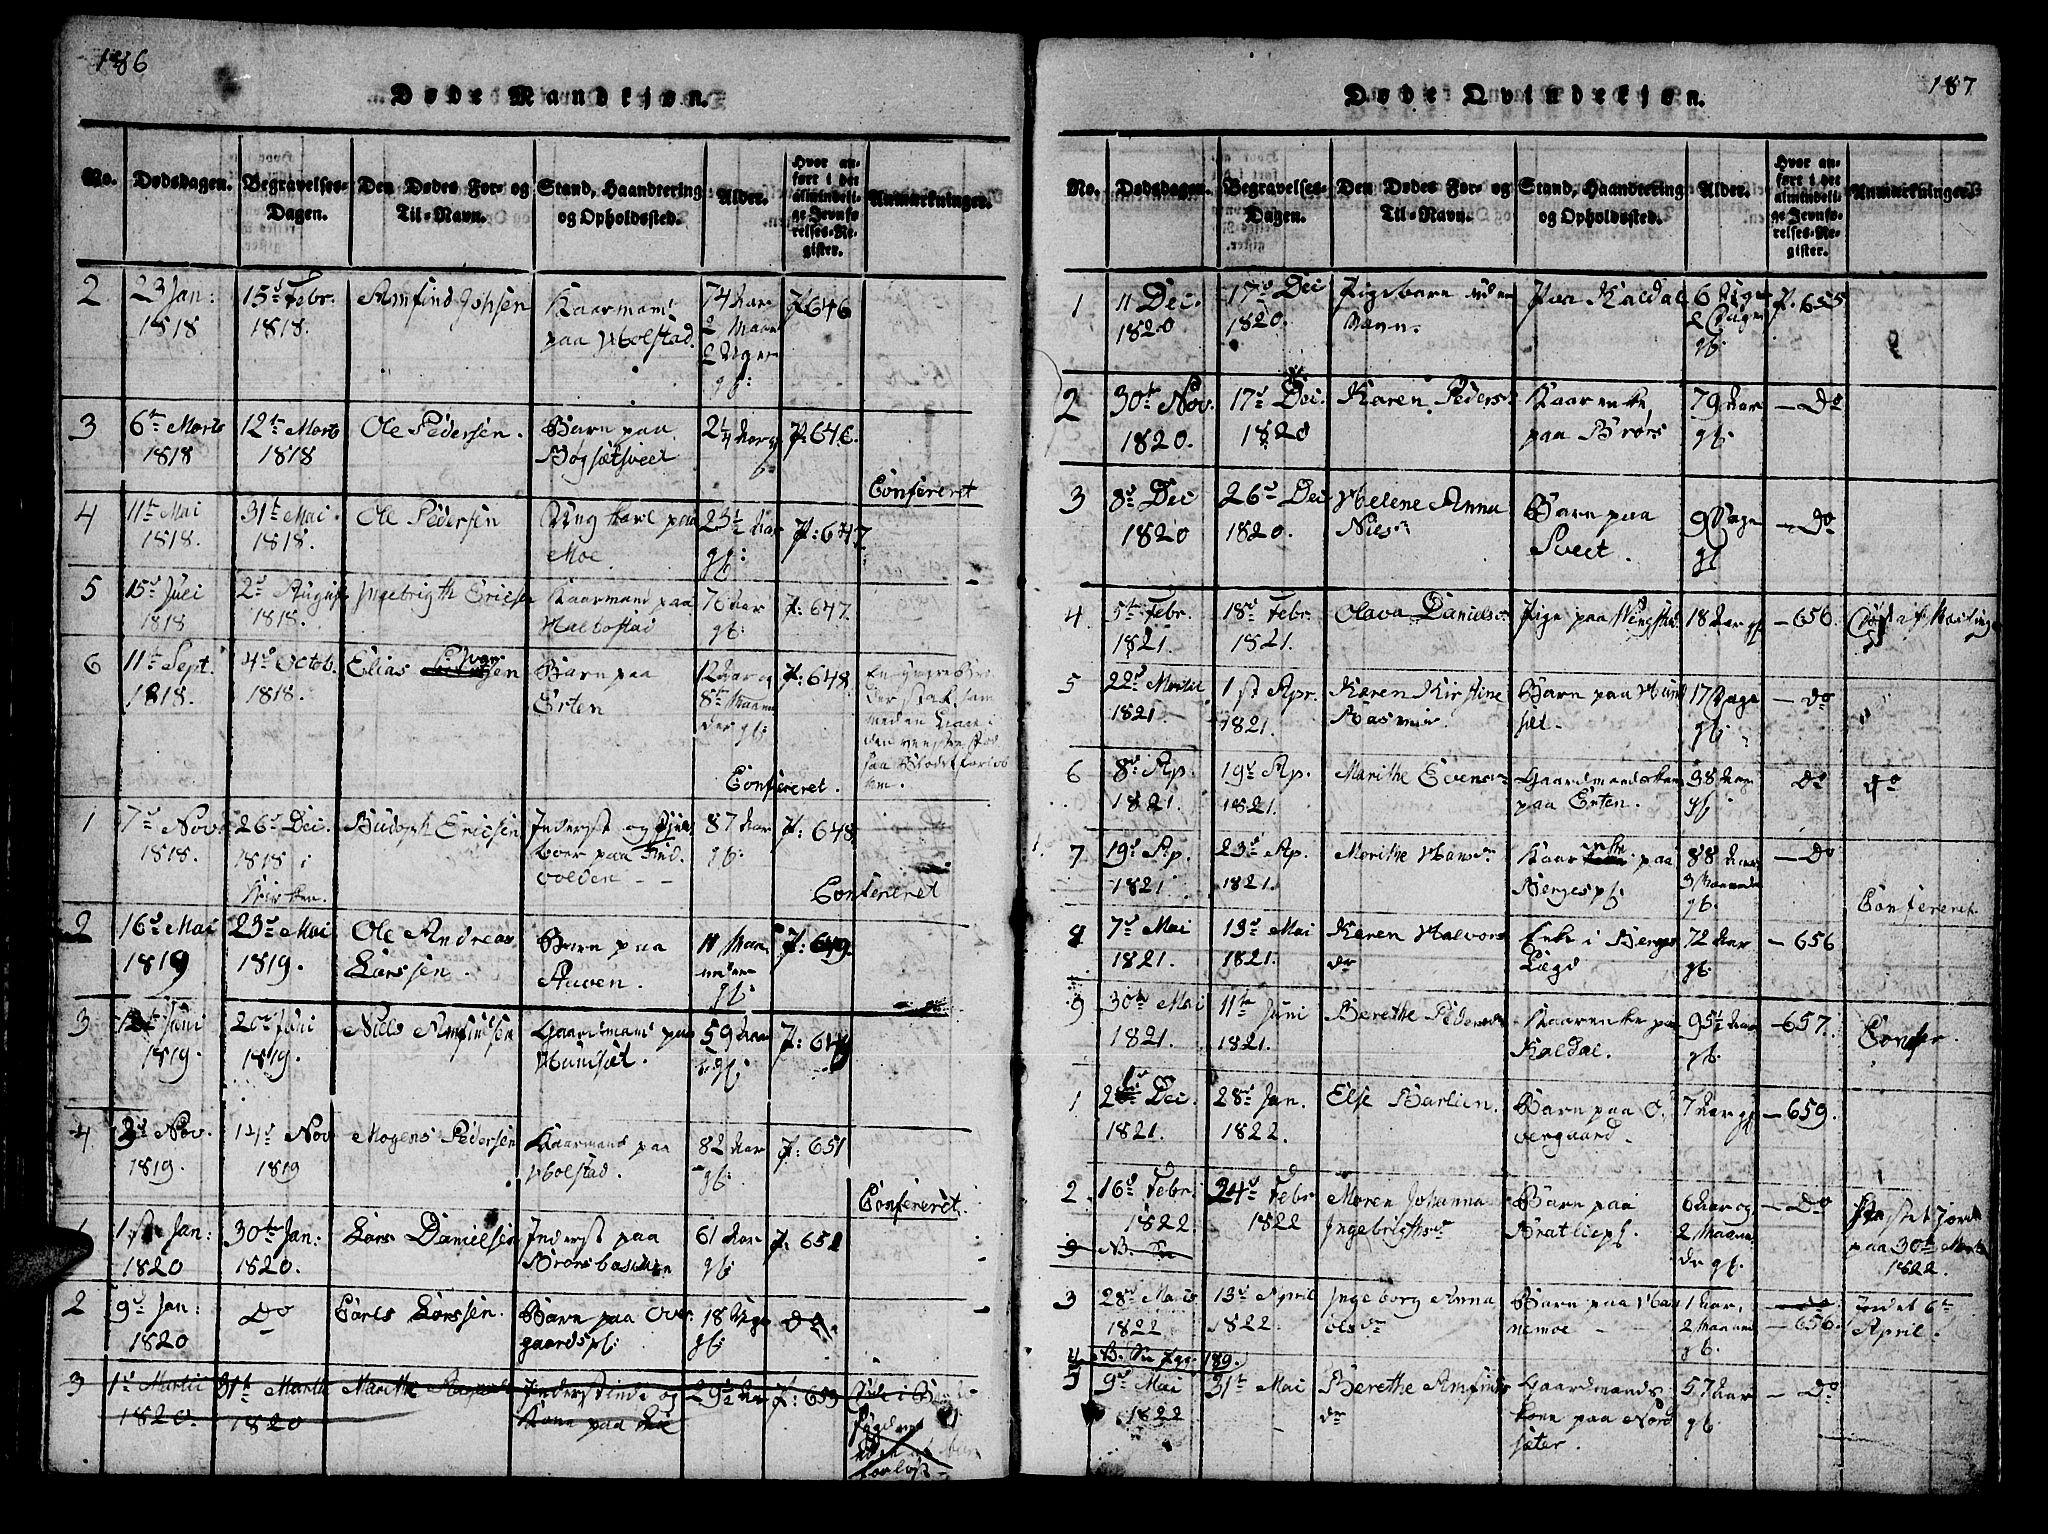 SAT, Ministerialprotokoller, klokkerbøker og fødselsregistre - Nord-Trøndelag, 742/L0411: Klokkerbok nr. 742C02, 1817-1825, s. 186-187